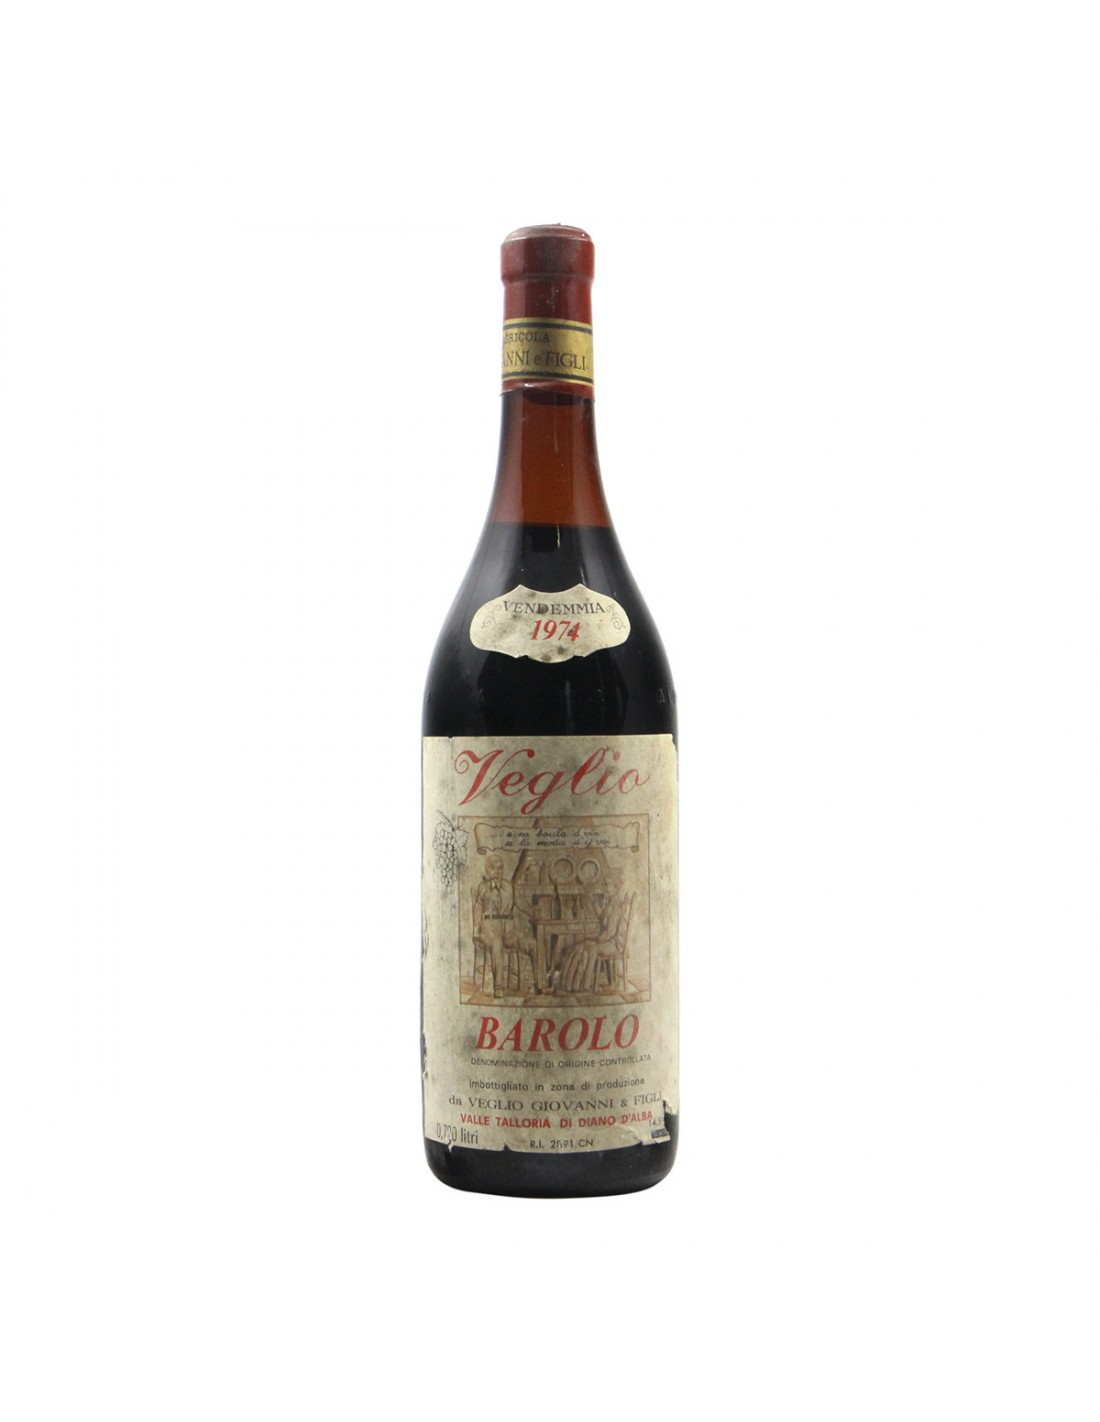 BAROLO 1974 VEGLIO GIOVANNI Grandi Bottiglie